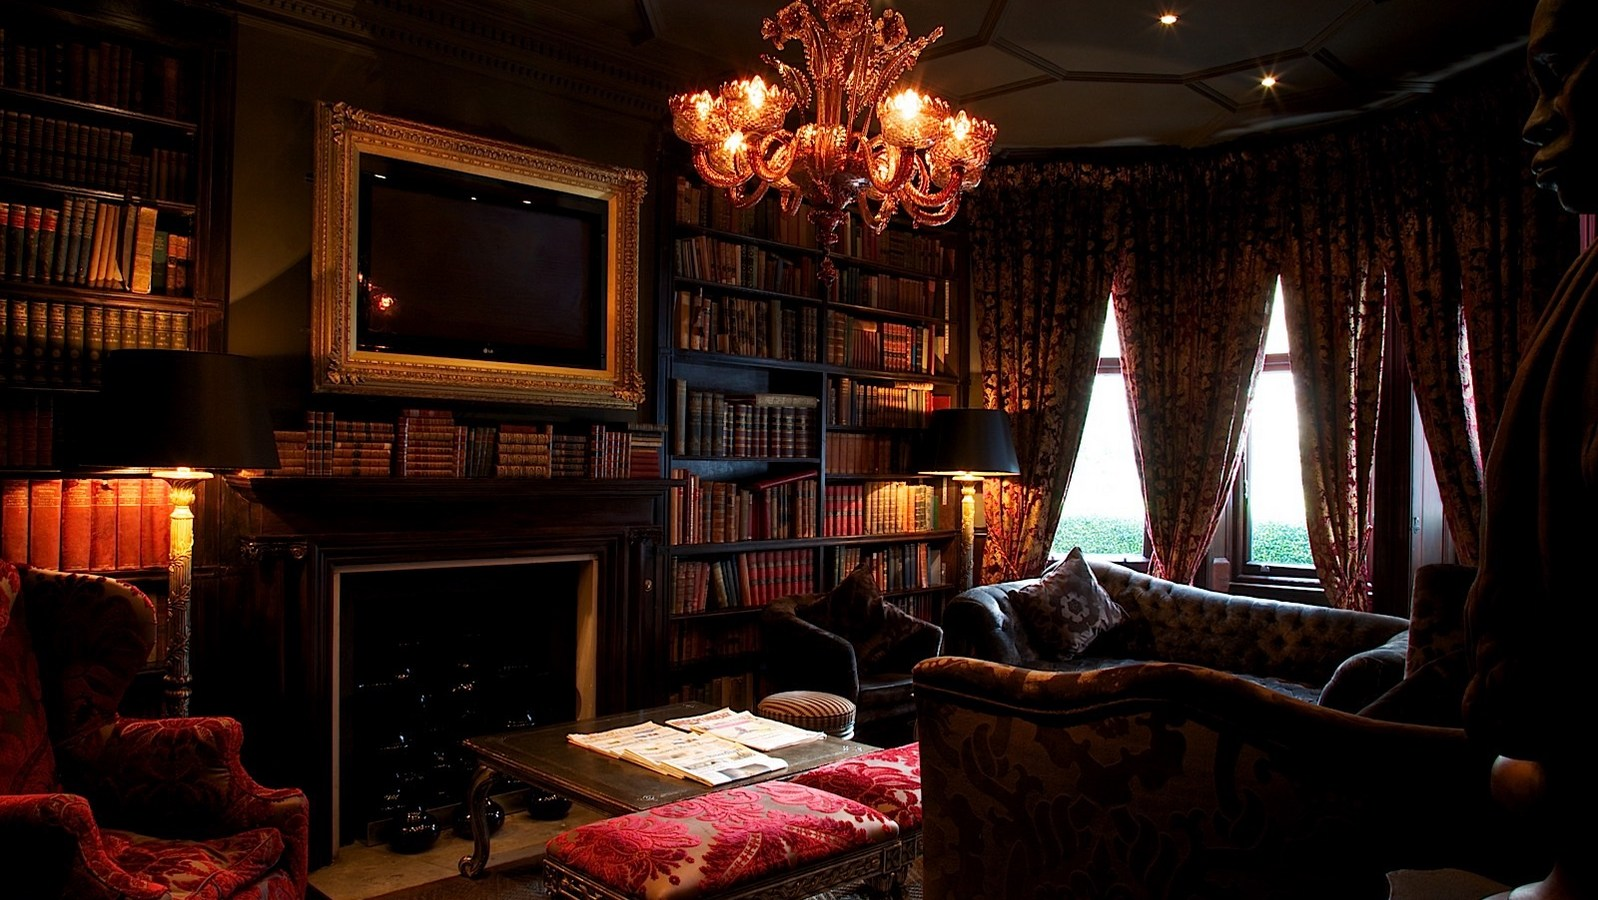 ナンバー11・カドガン・ガーデンズの図書室